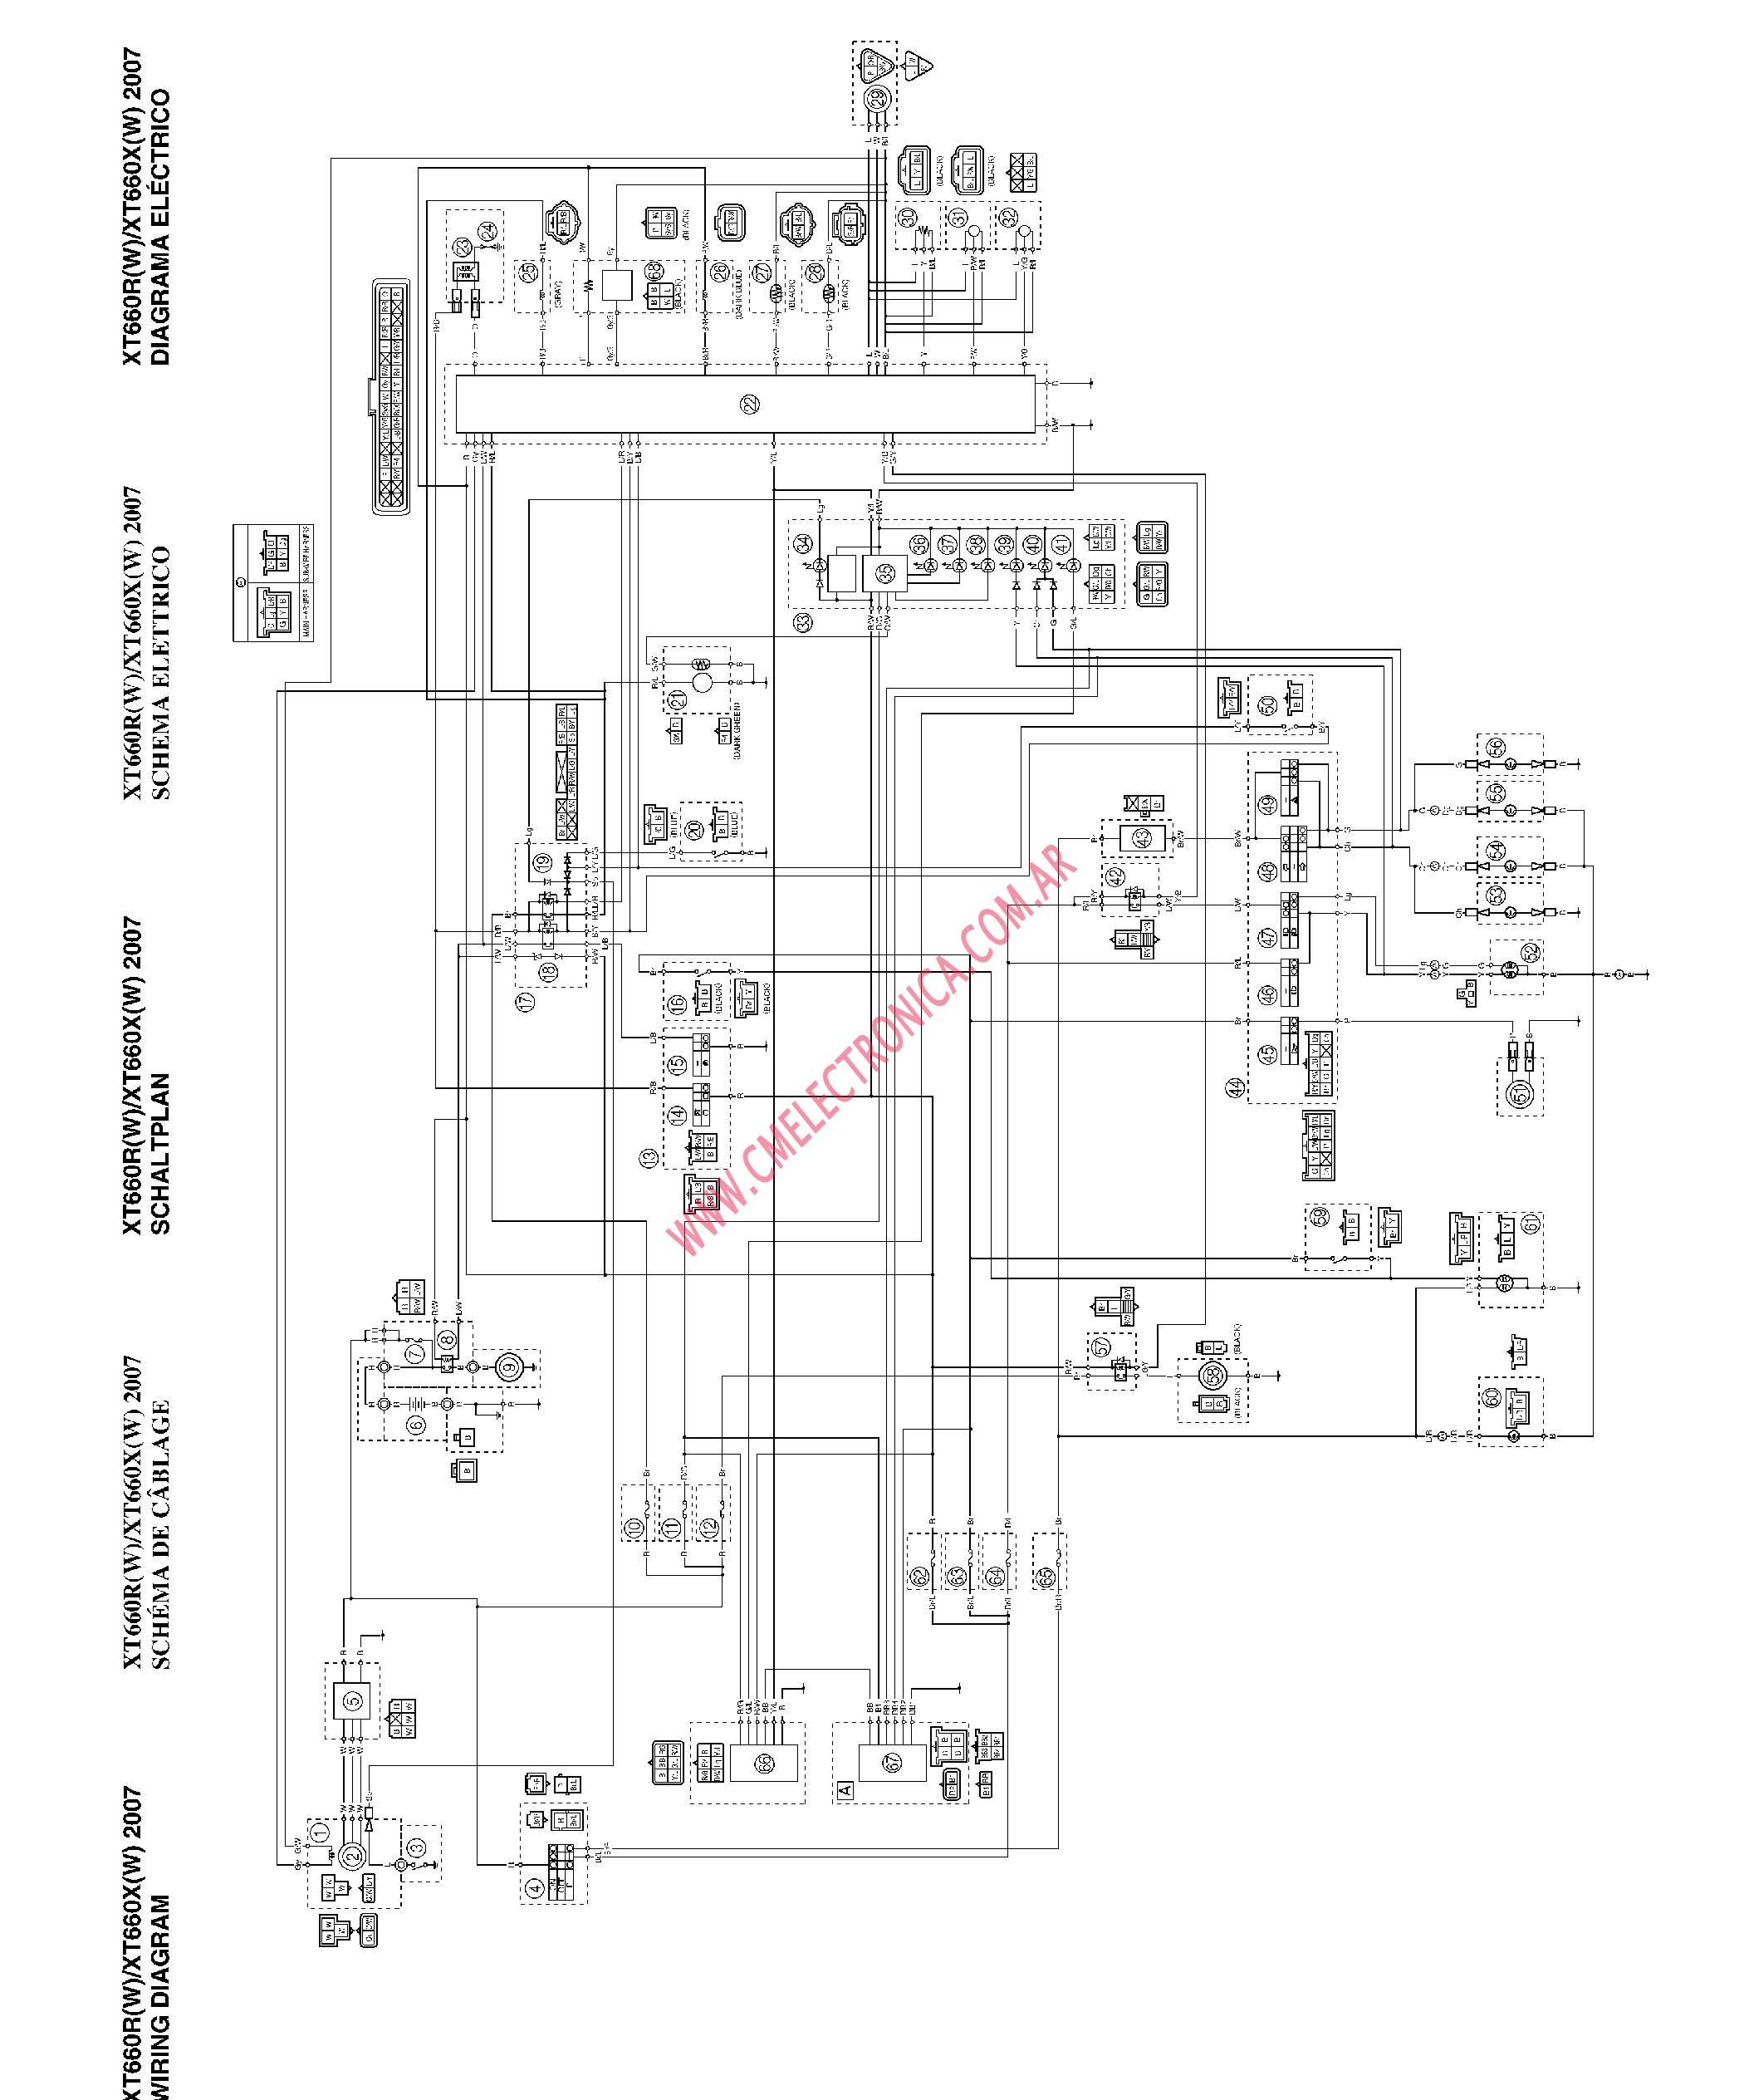 Groß 05 Raptor Schaltplan Zeitgenössisch - Der Schaltplan - greigo.com